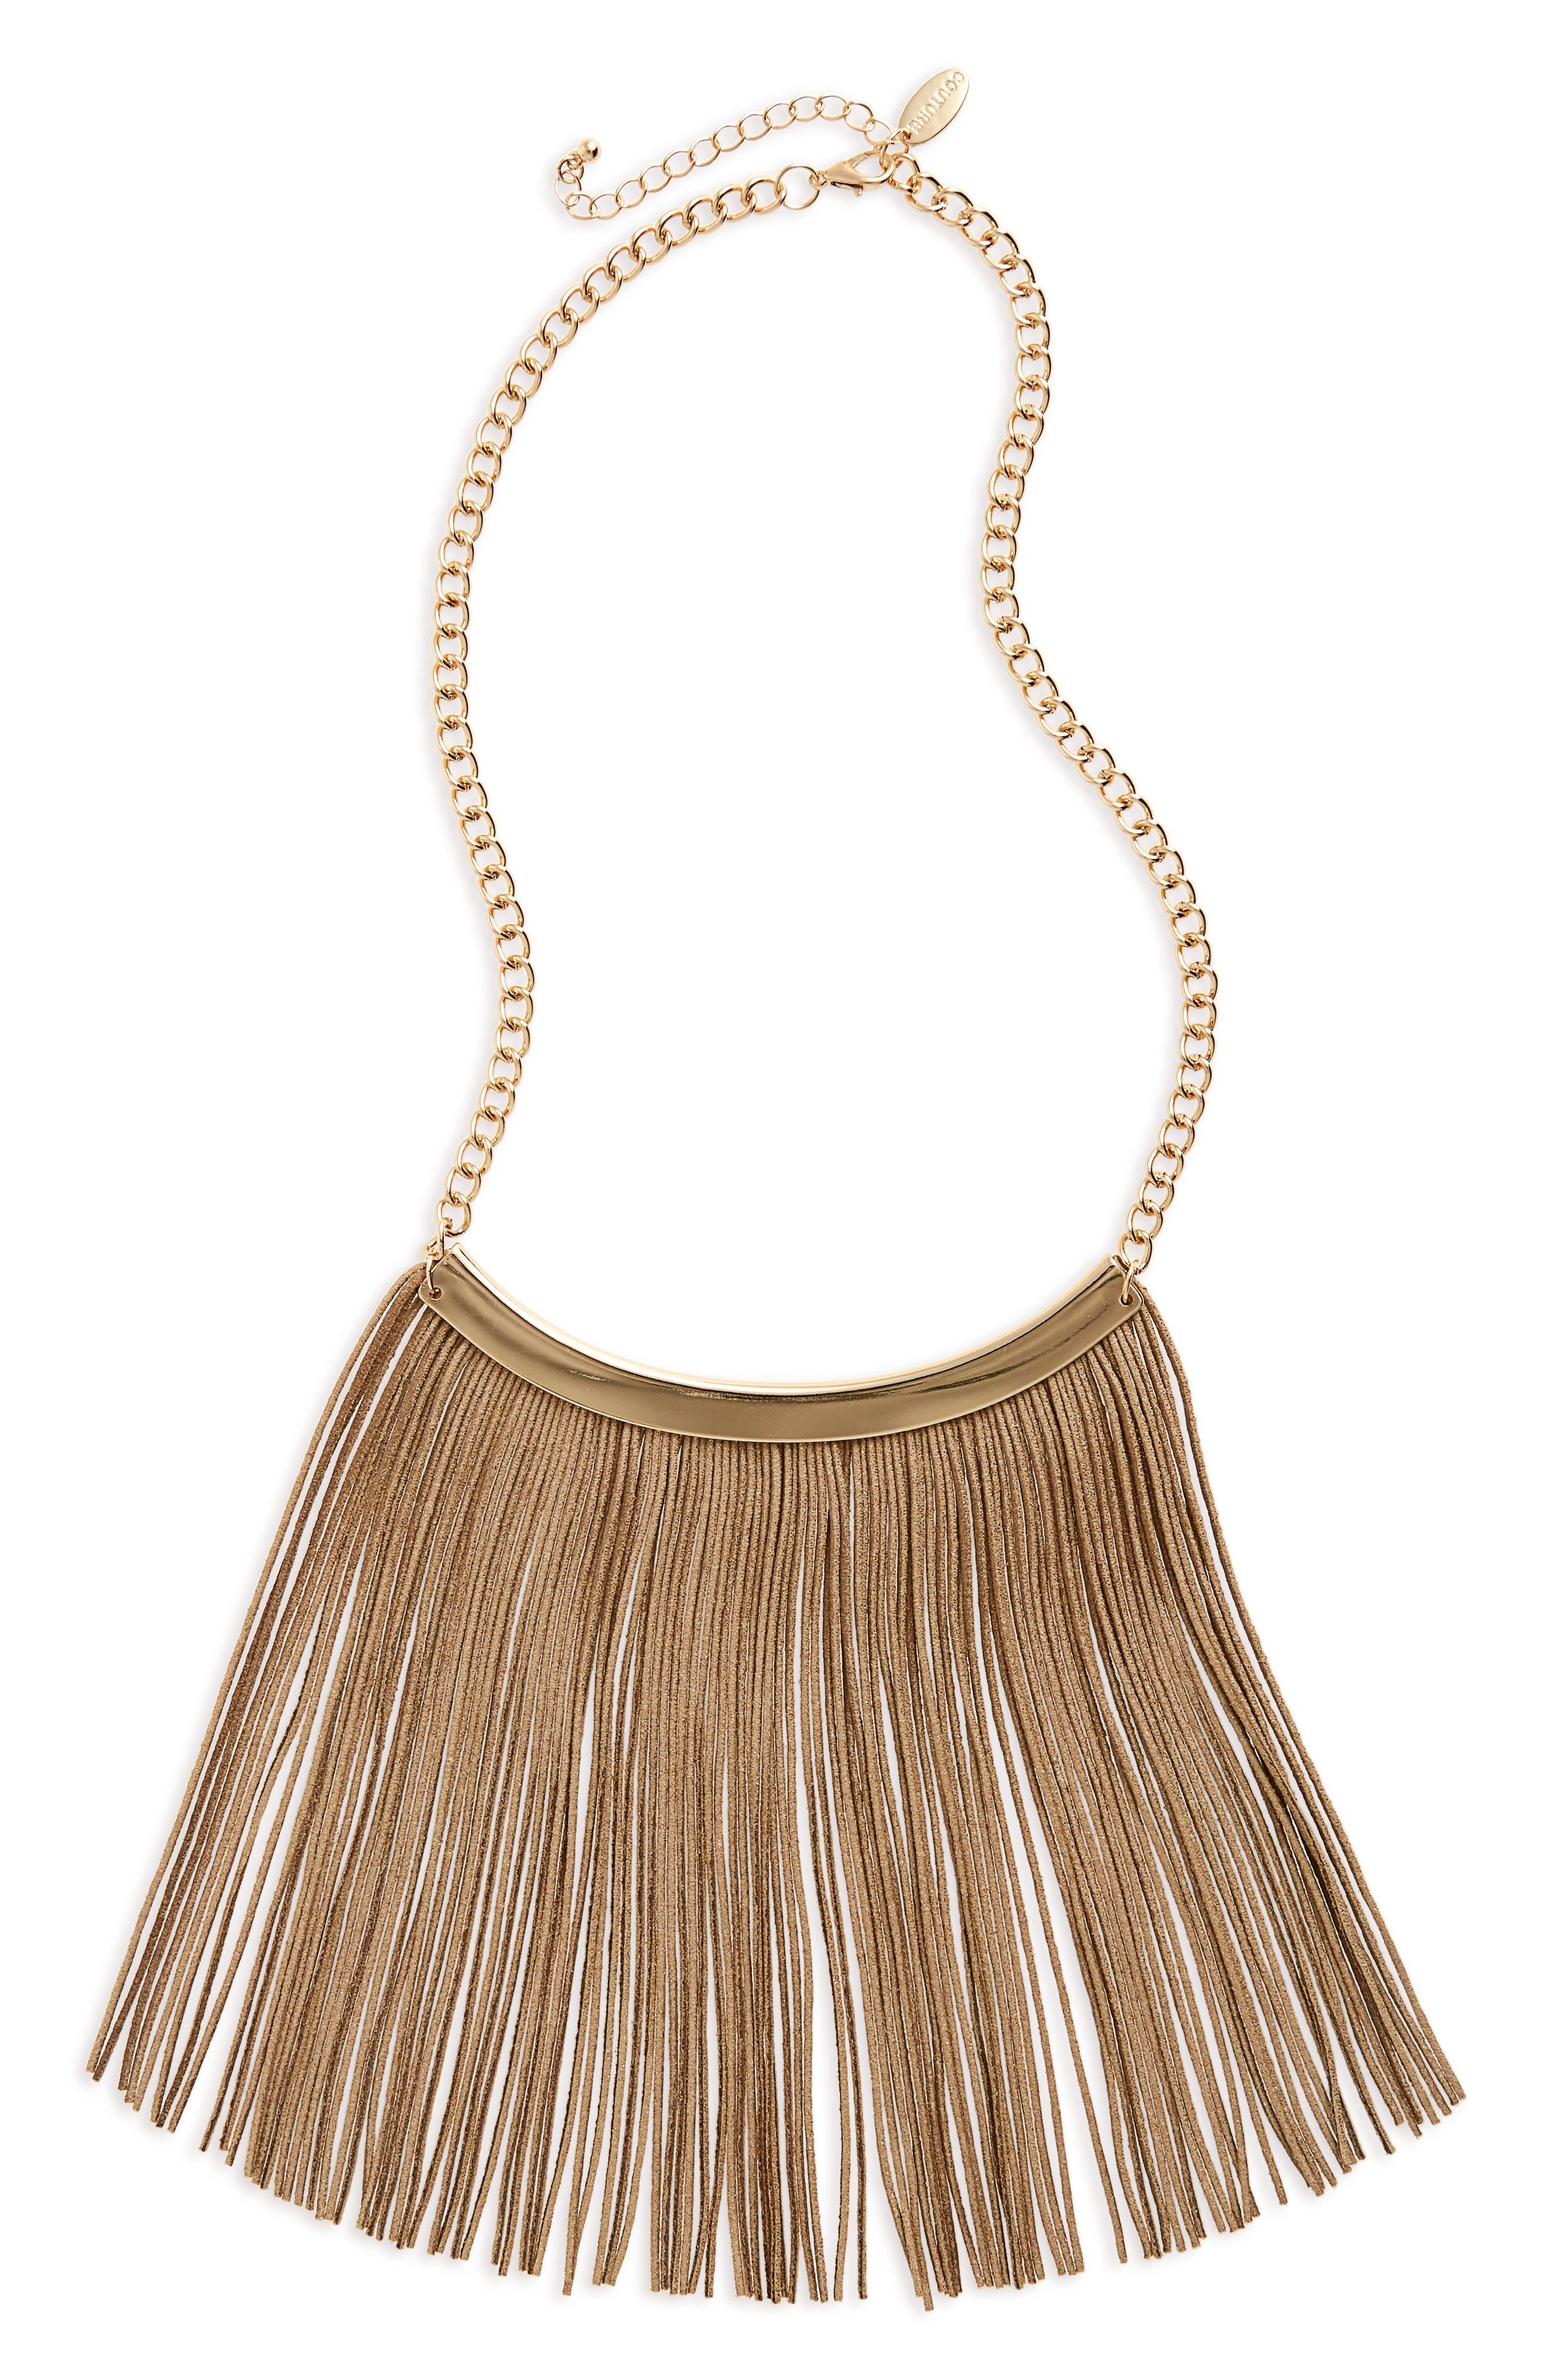 Natasha Couture Liquid Fringe Bib Necklace